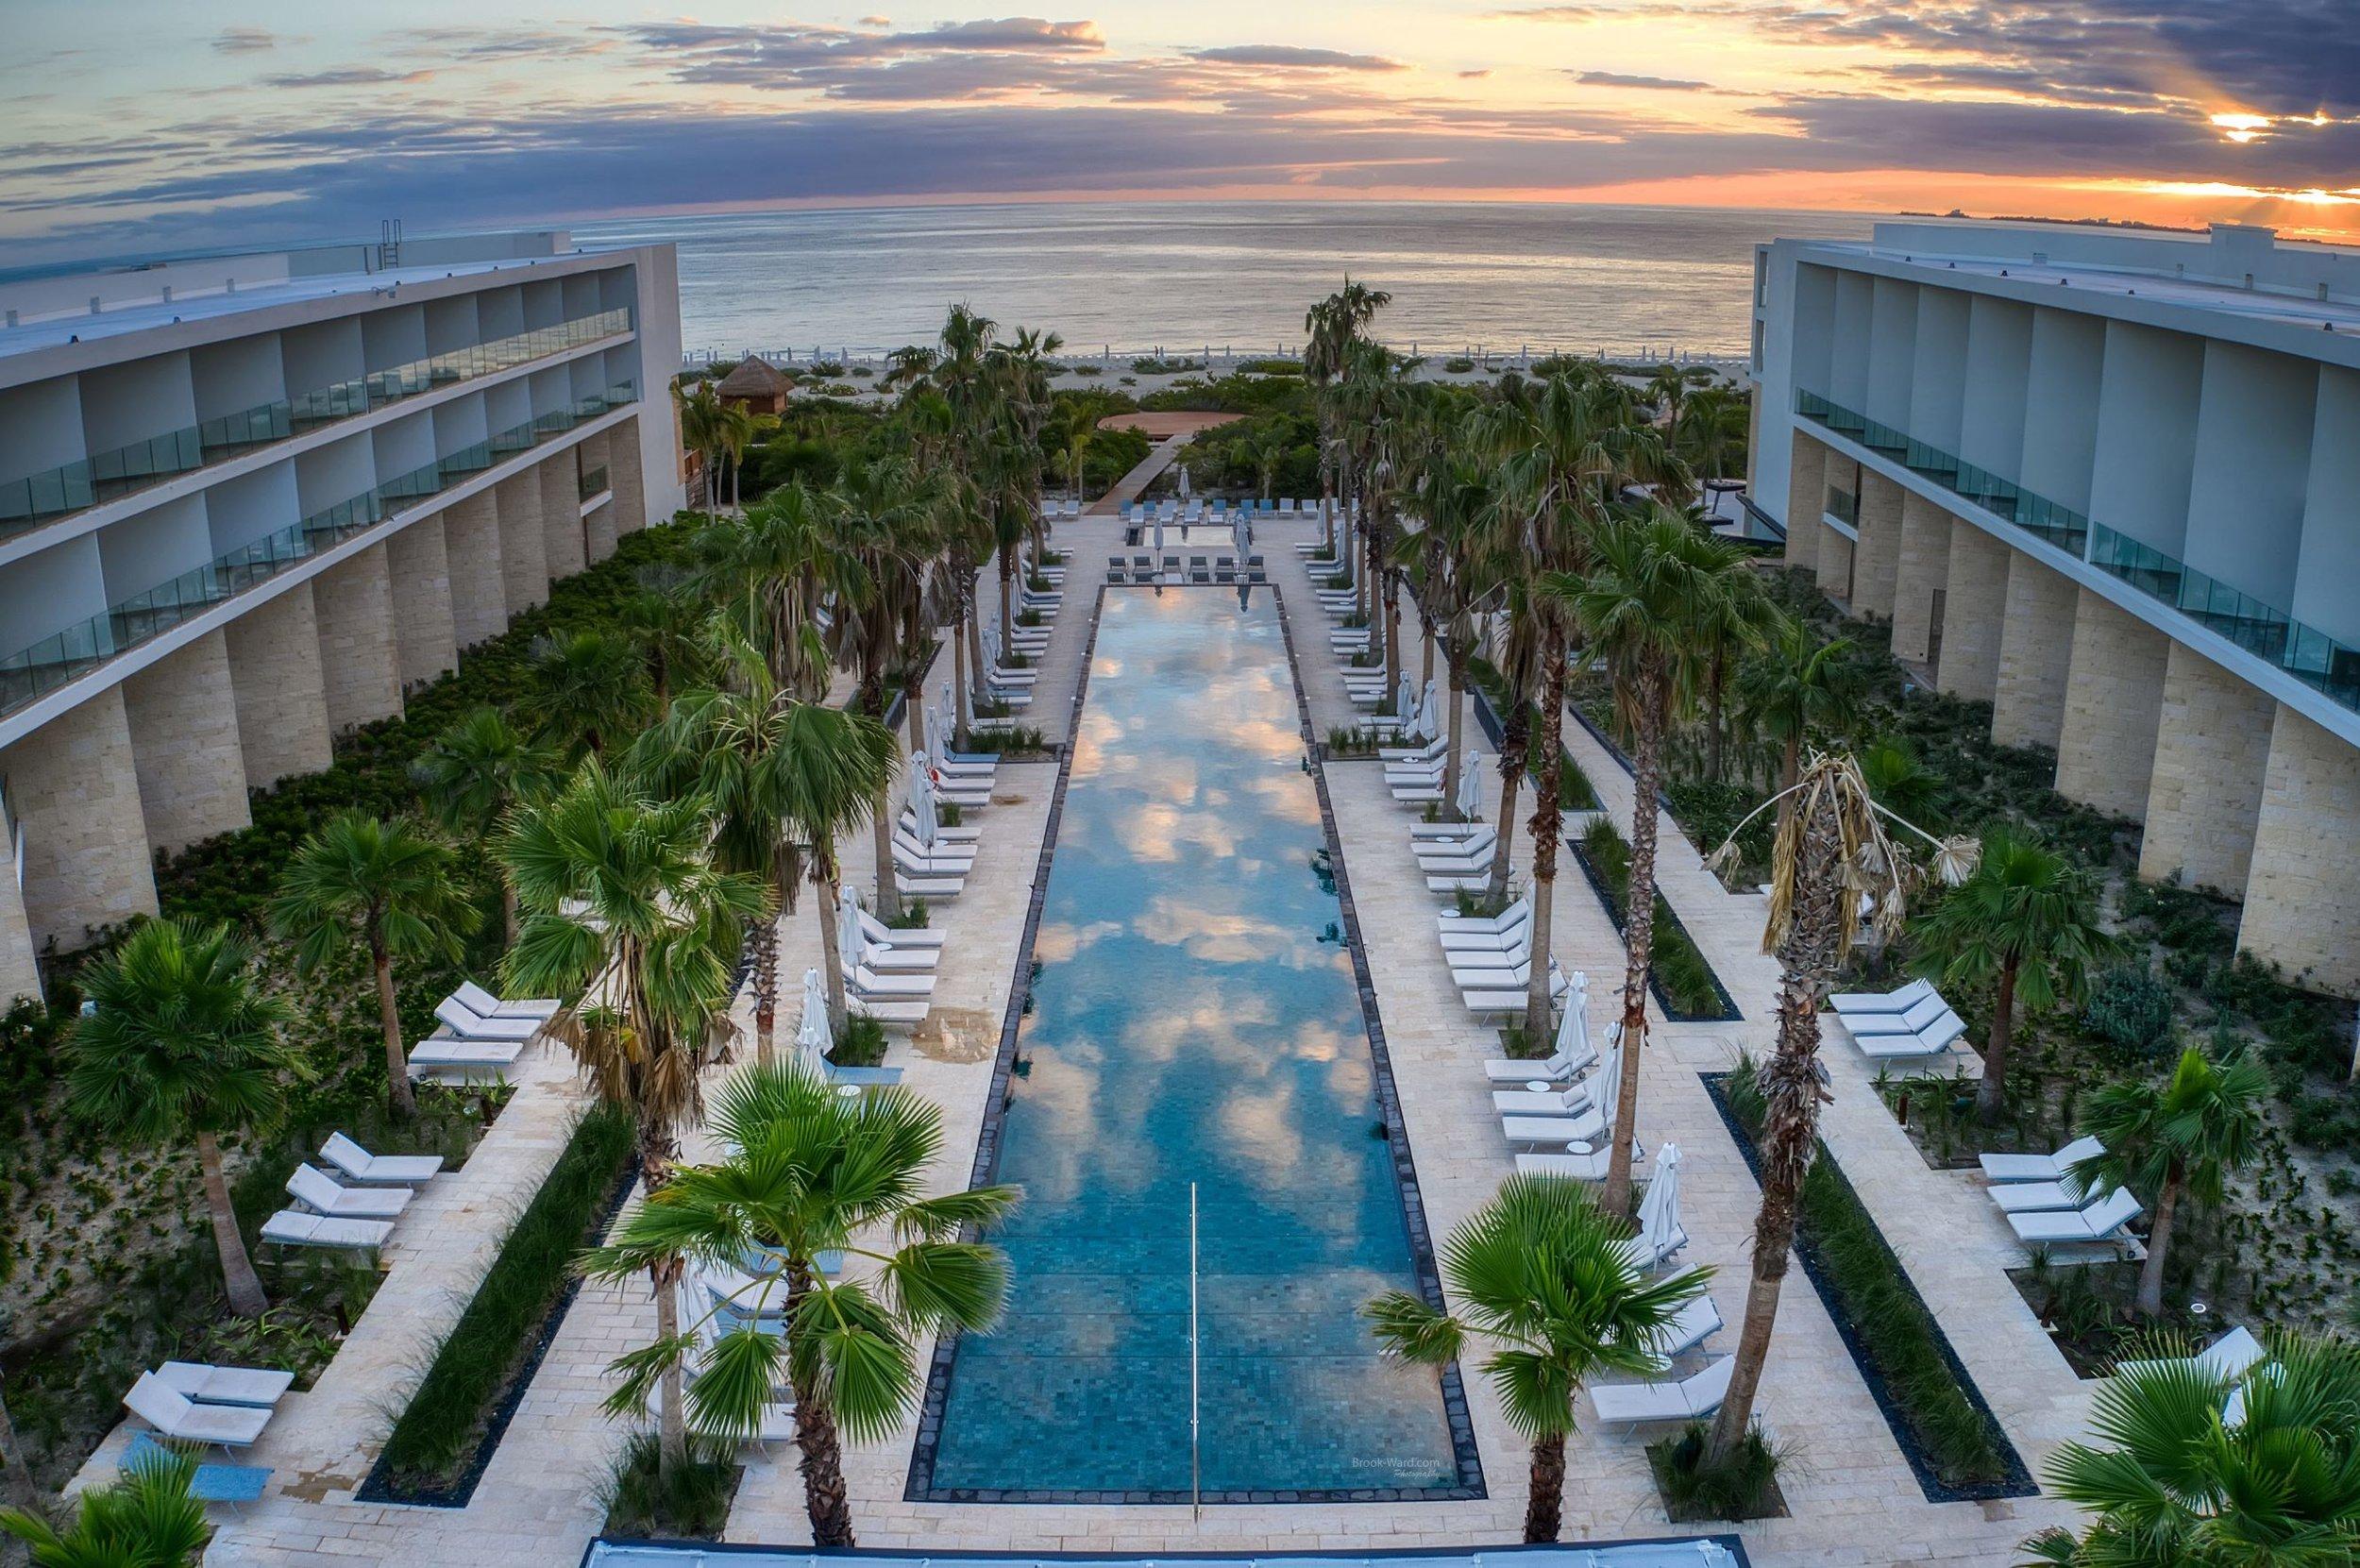 Beach Pool - Cancun